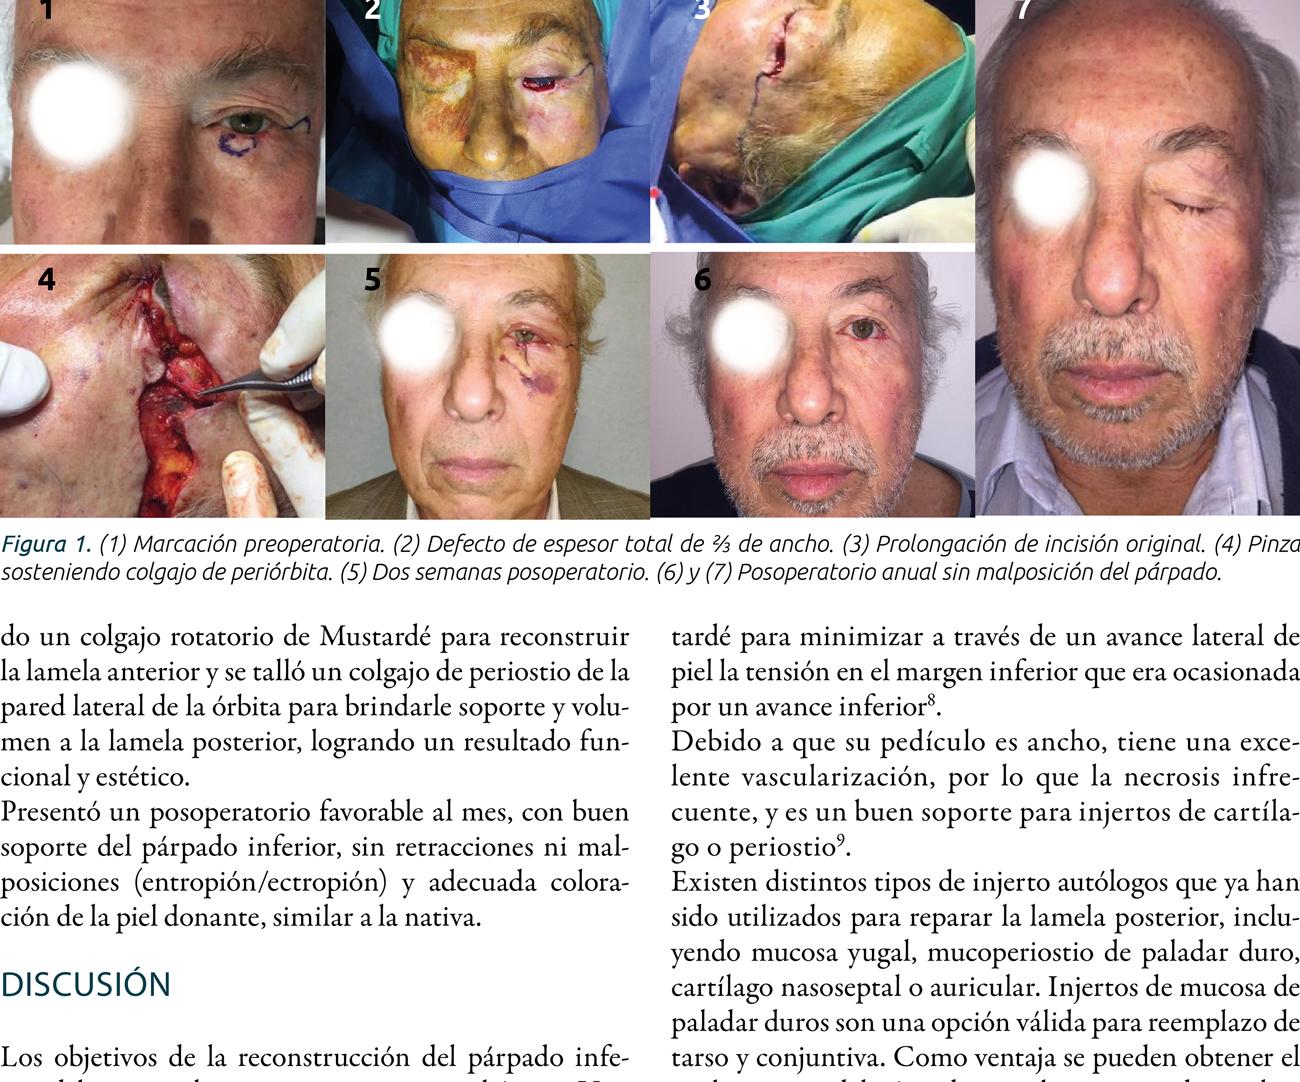 Reconstrucción palpebral inferior mediante colgajo  de periostio y colgajo de Mustardé